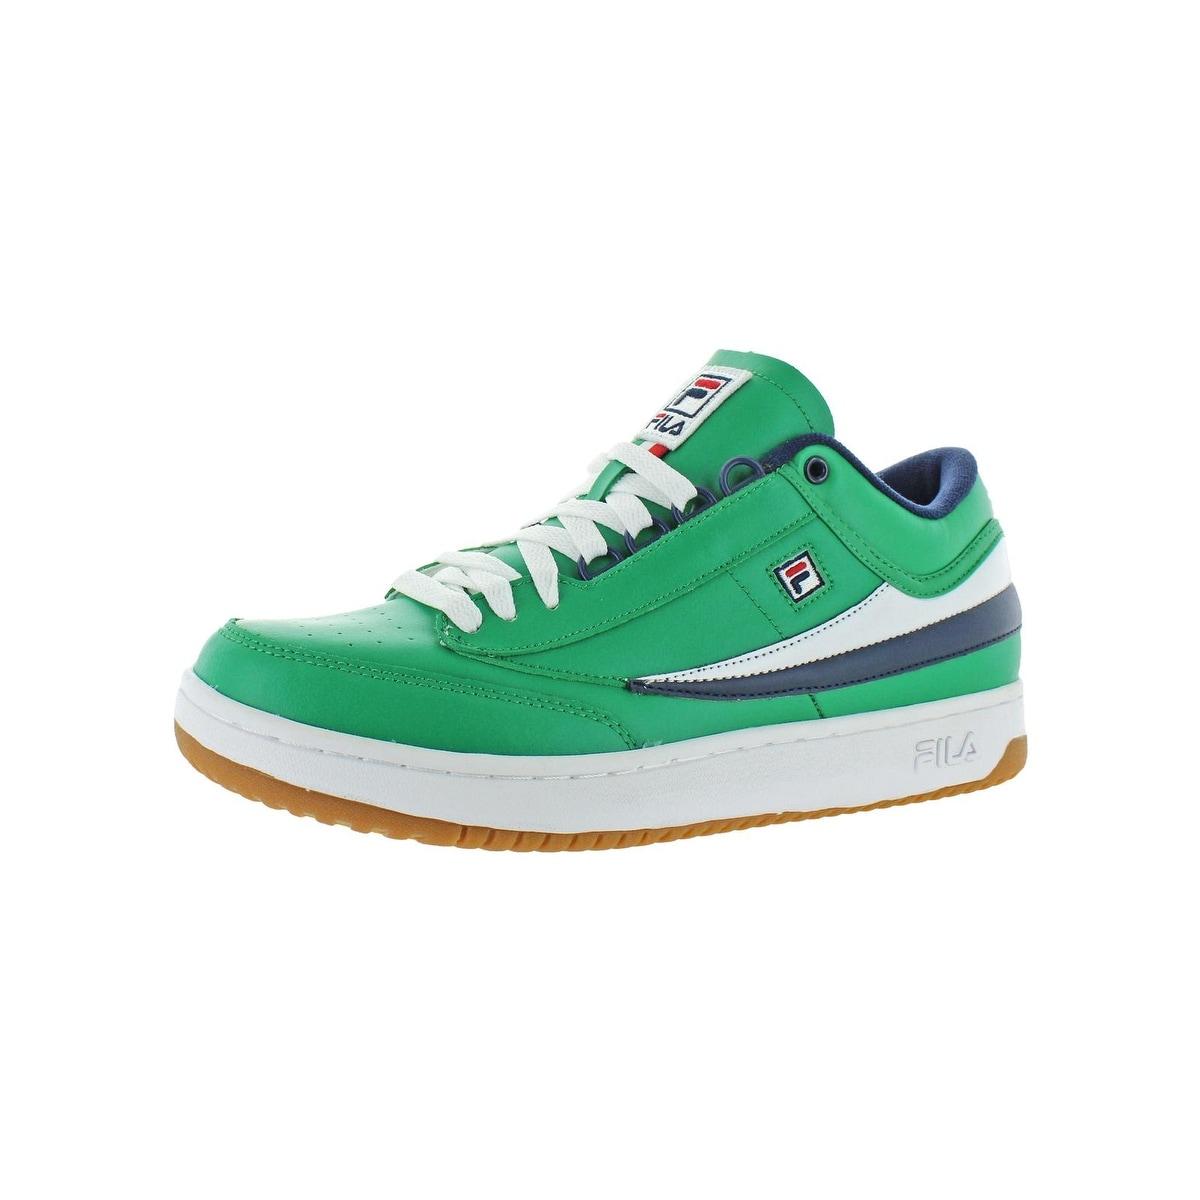 Fila Men's T 1 Mid Fashion Sneaker